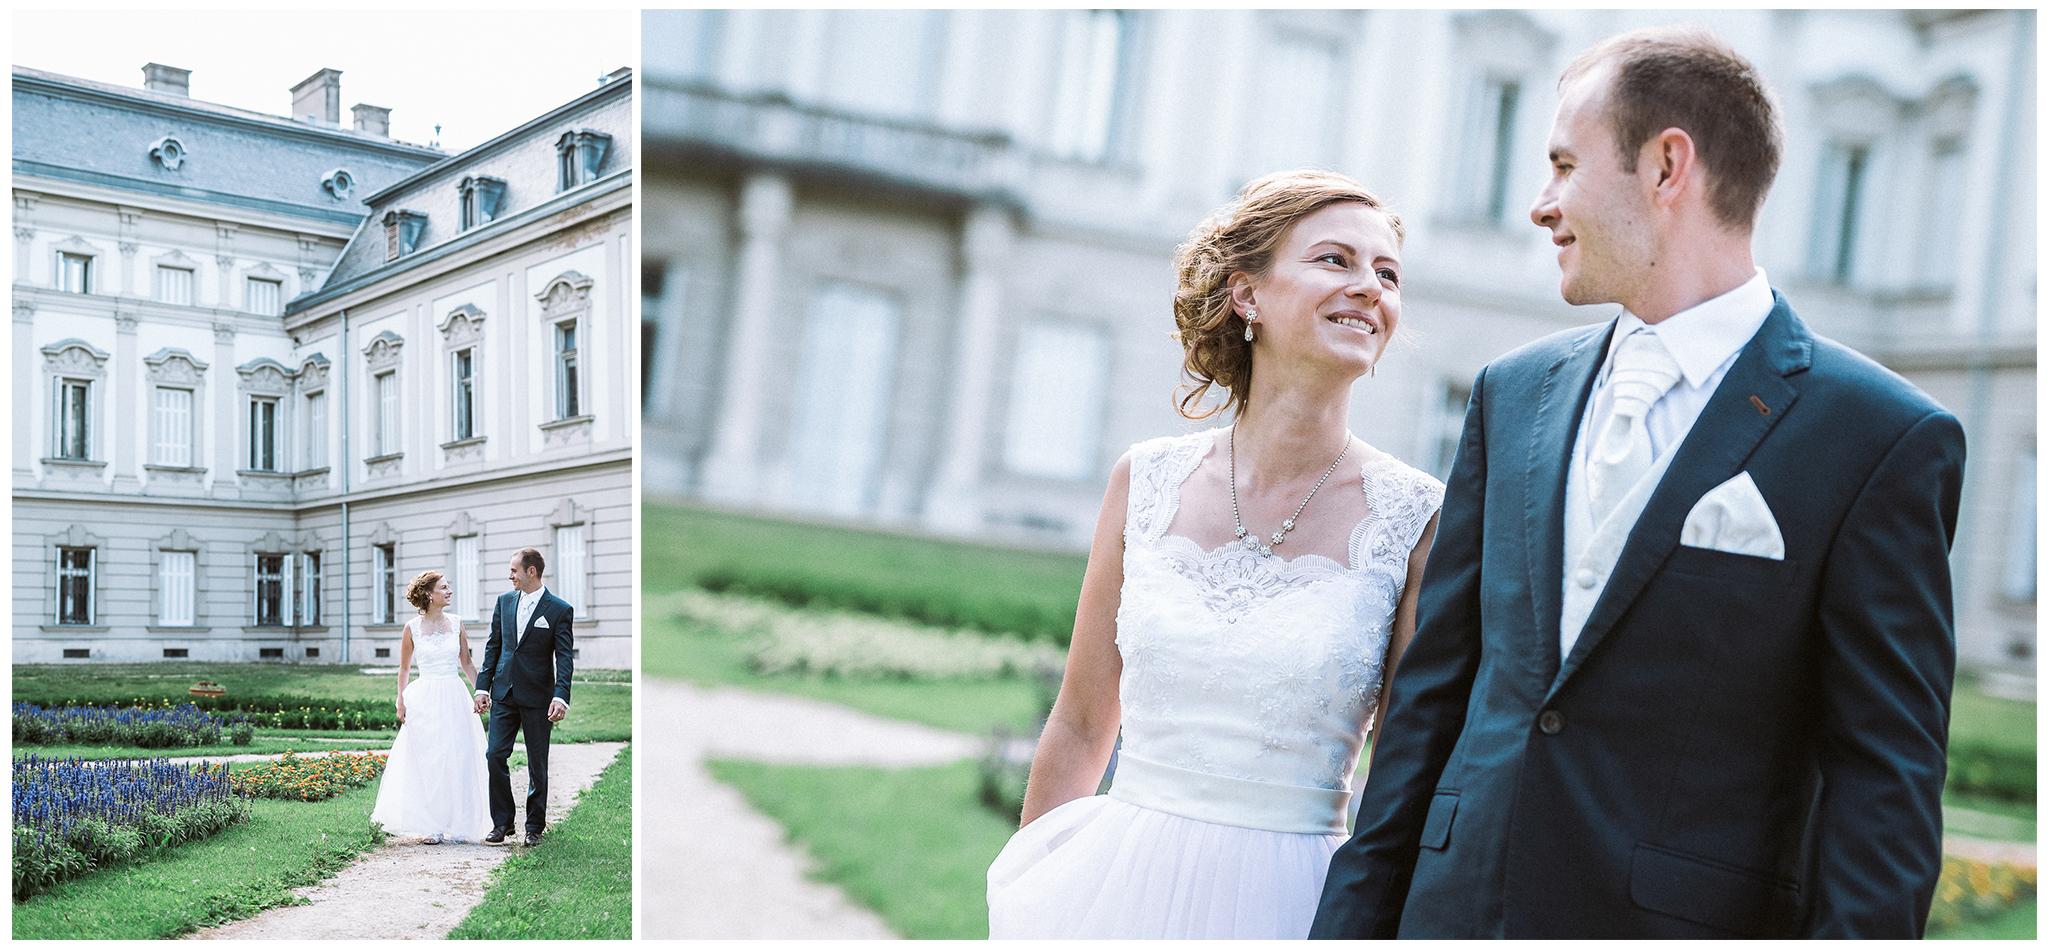 FylepPhoto, esküvőfotós, esküvői fotós Körmend, Szombathely, esküvőfotózás, magyarország, vas megye, prémium, jegyesfotózás, Fülöp Péter, körmend, kreatív, fotográfus_03.jpg